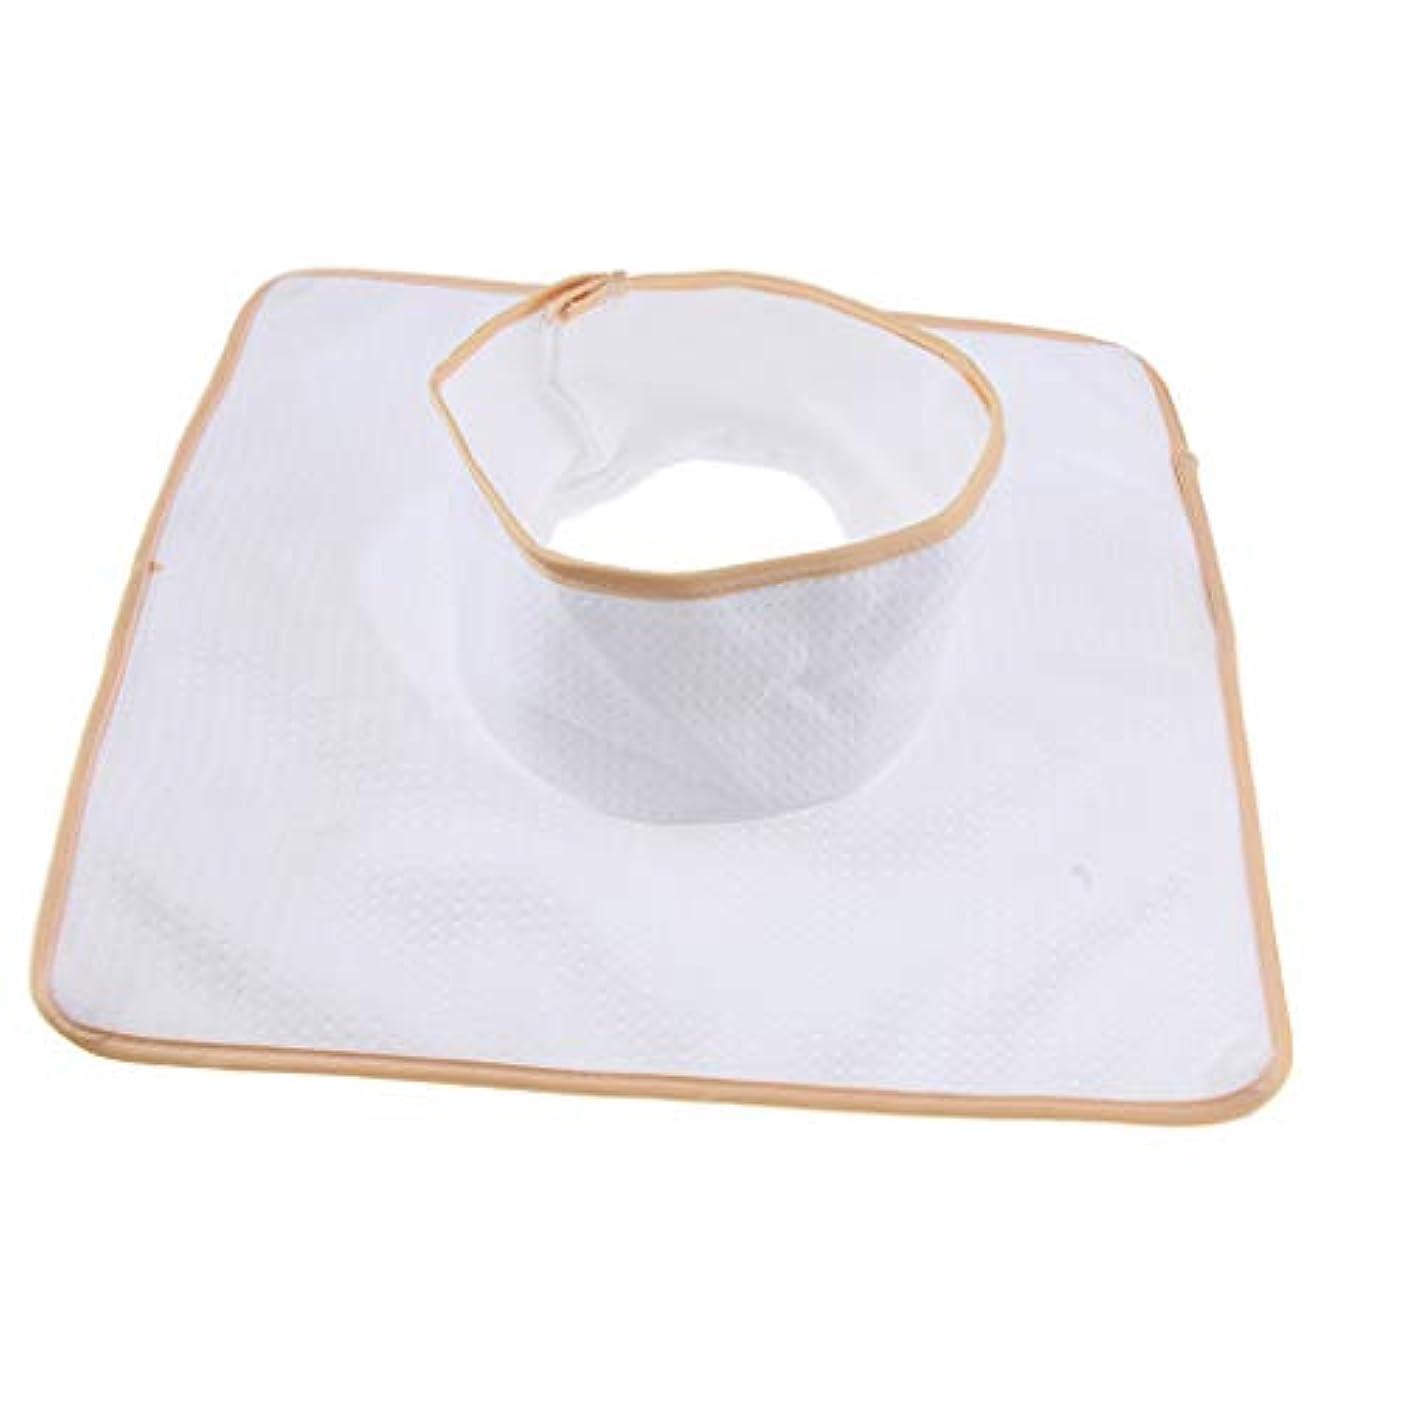 スペイン語バーコールマッサージ ベッドカバー シート パッド 洗濯可能 再利用可能 約35×35cm 全3色 - 白